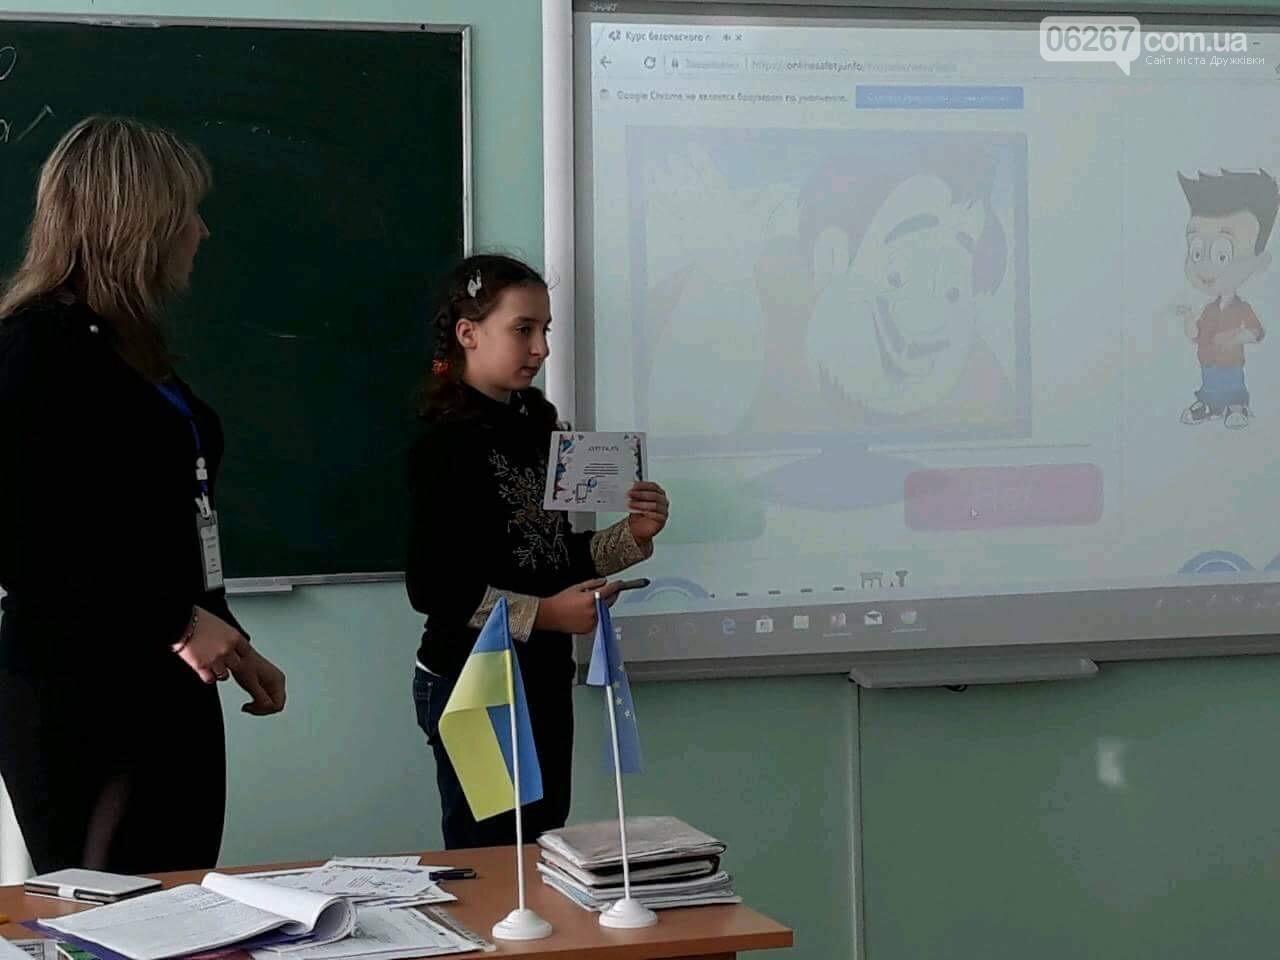 Не запутаться в Сети: В дружковской школе №17 День безопасного интернета отметили практическими занятиями (ФОТО), фото-3